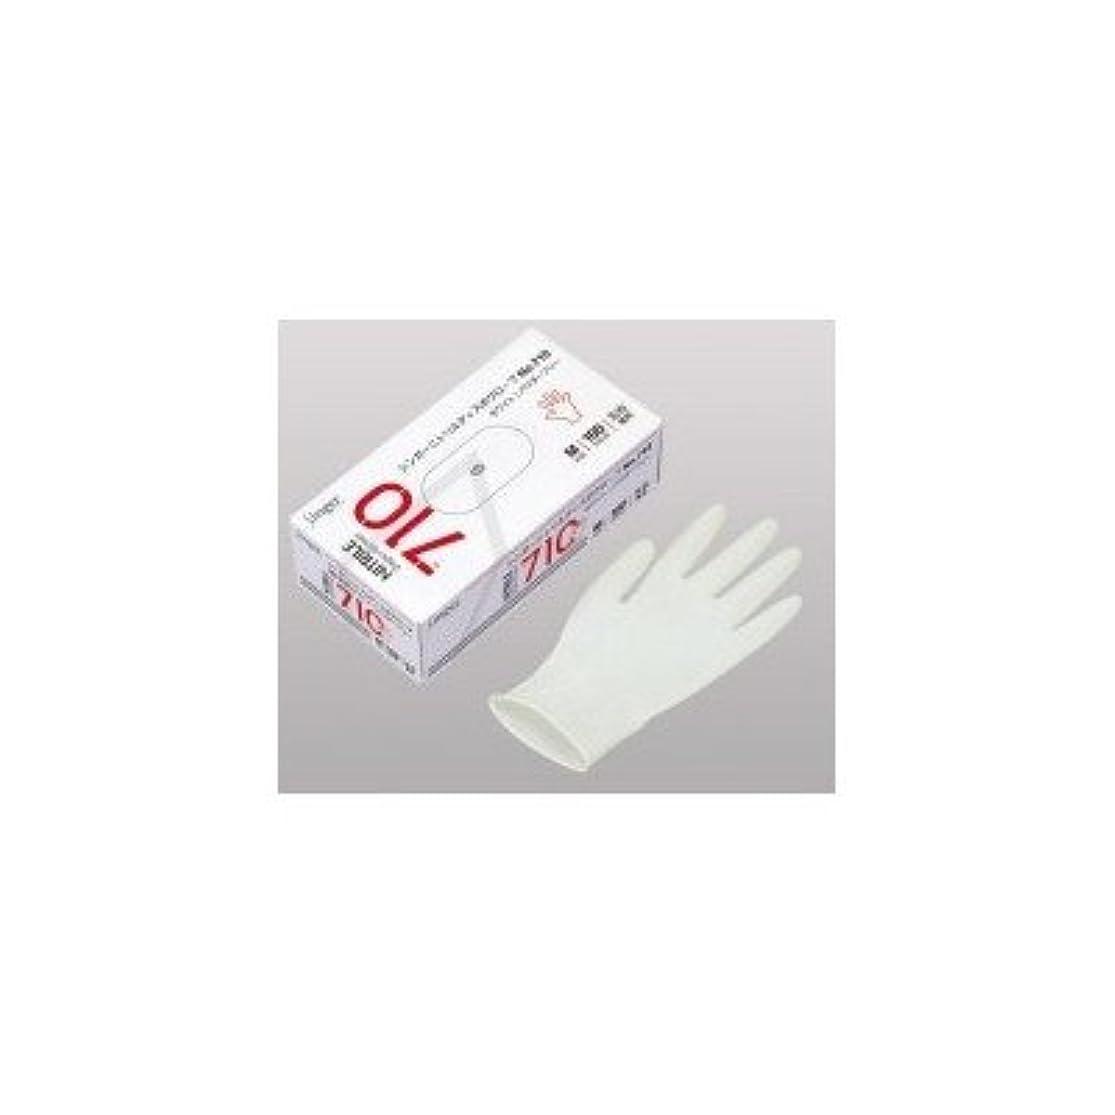 染料妻異なるシンガー ニトリルディスポグローブ(手袋) No.710 ホワイト パウダーフリー(100枚) L( 画像はイメージ画像です お届けの商品はLのみとなります)